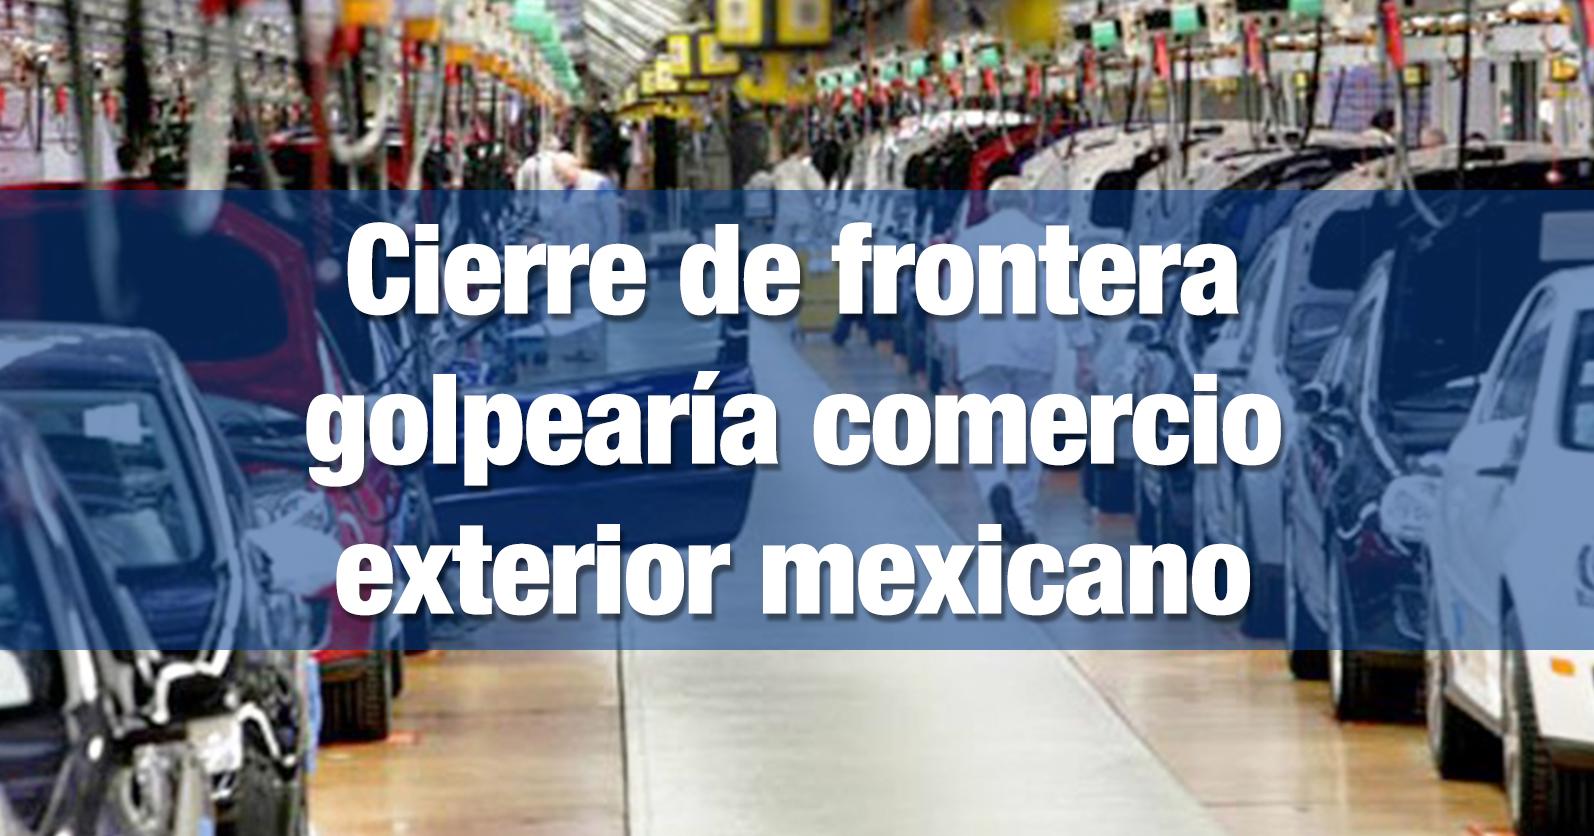 Cierre de frontera golpearía comercio exterior mexicano